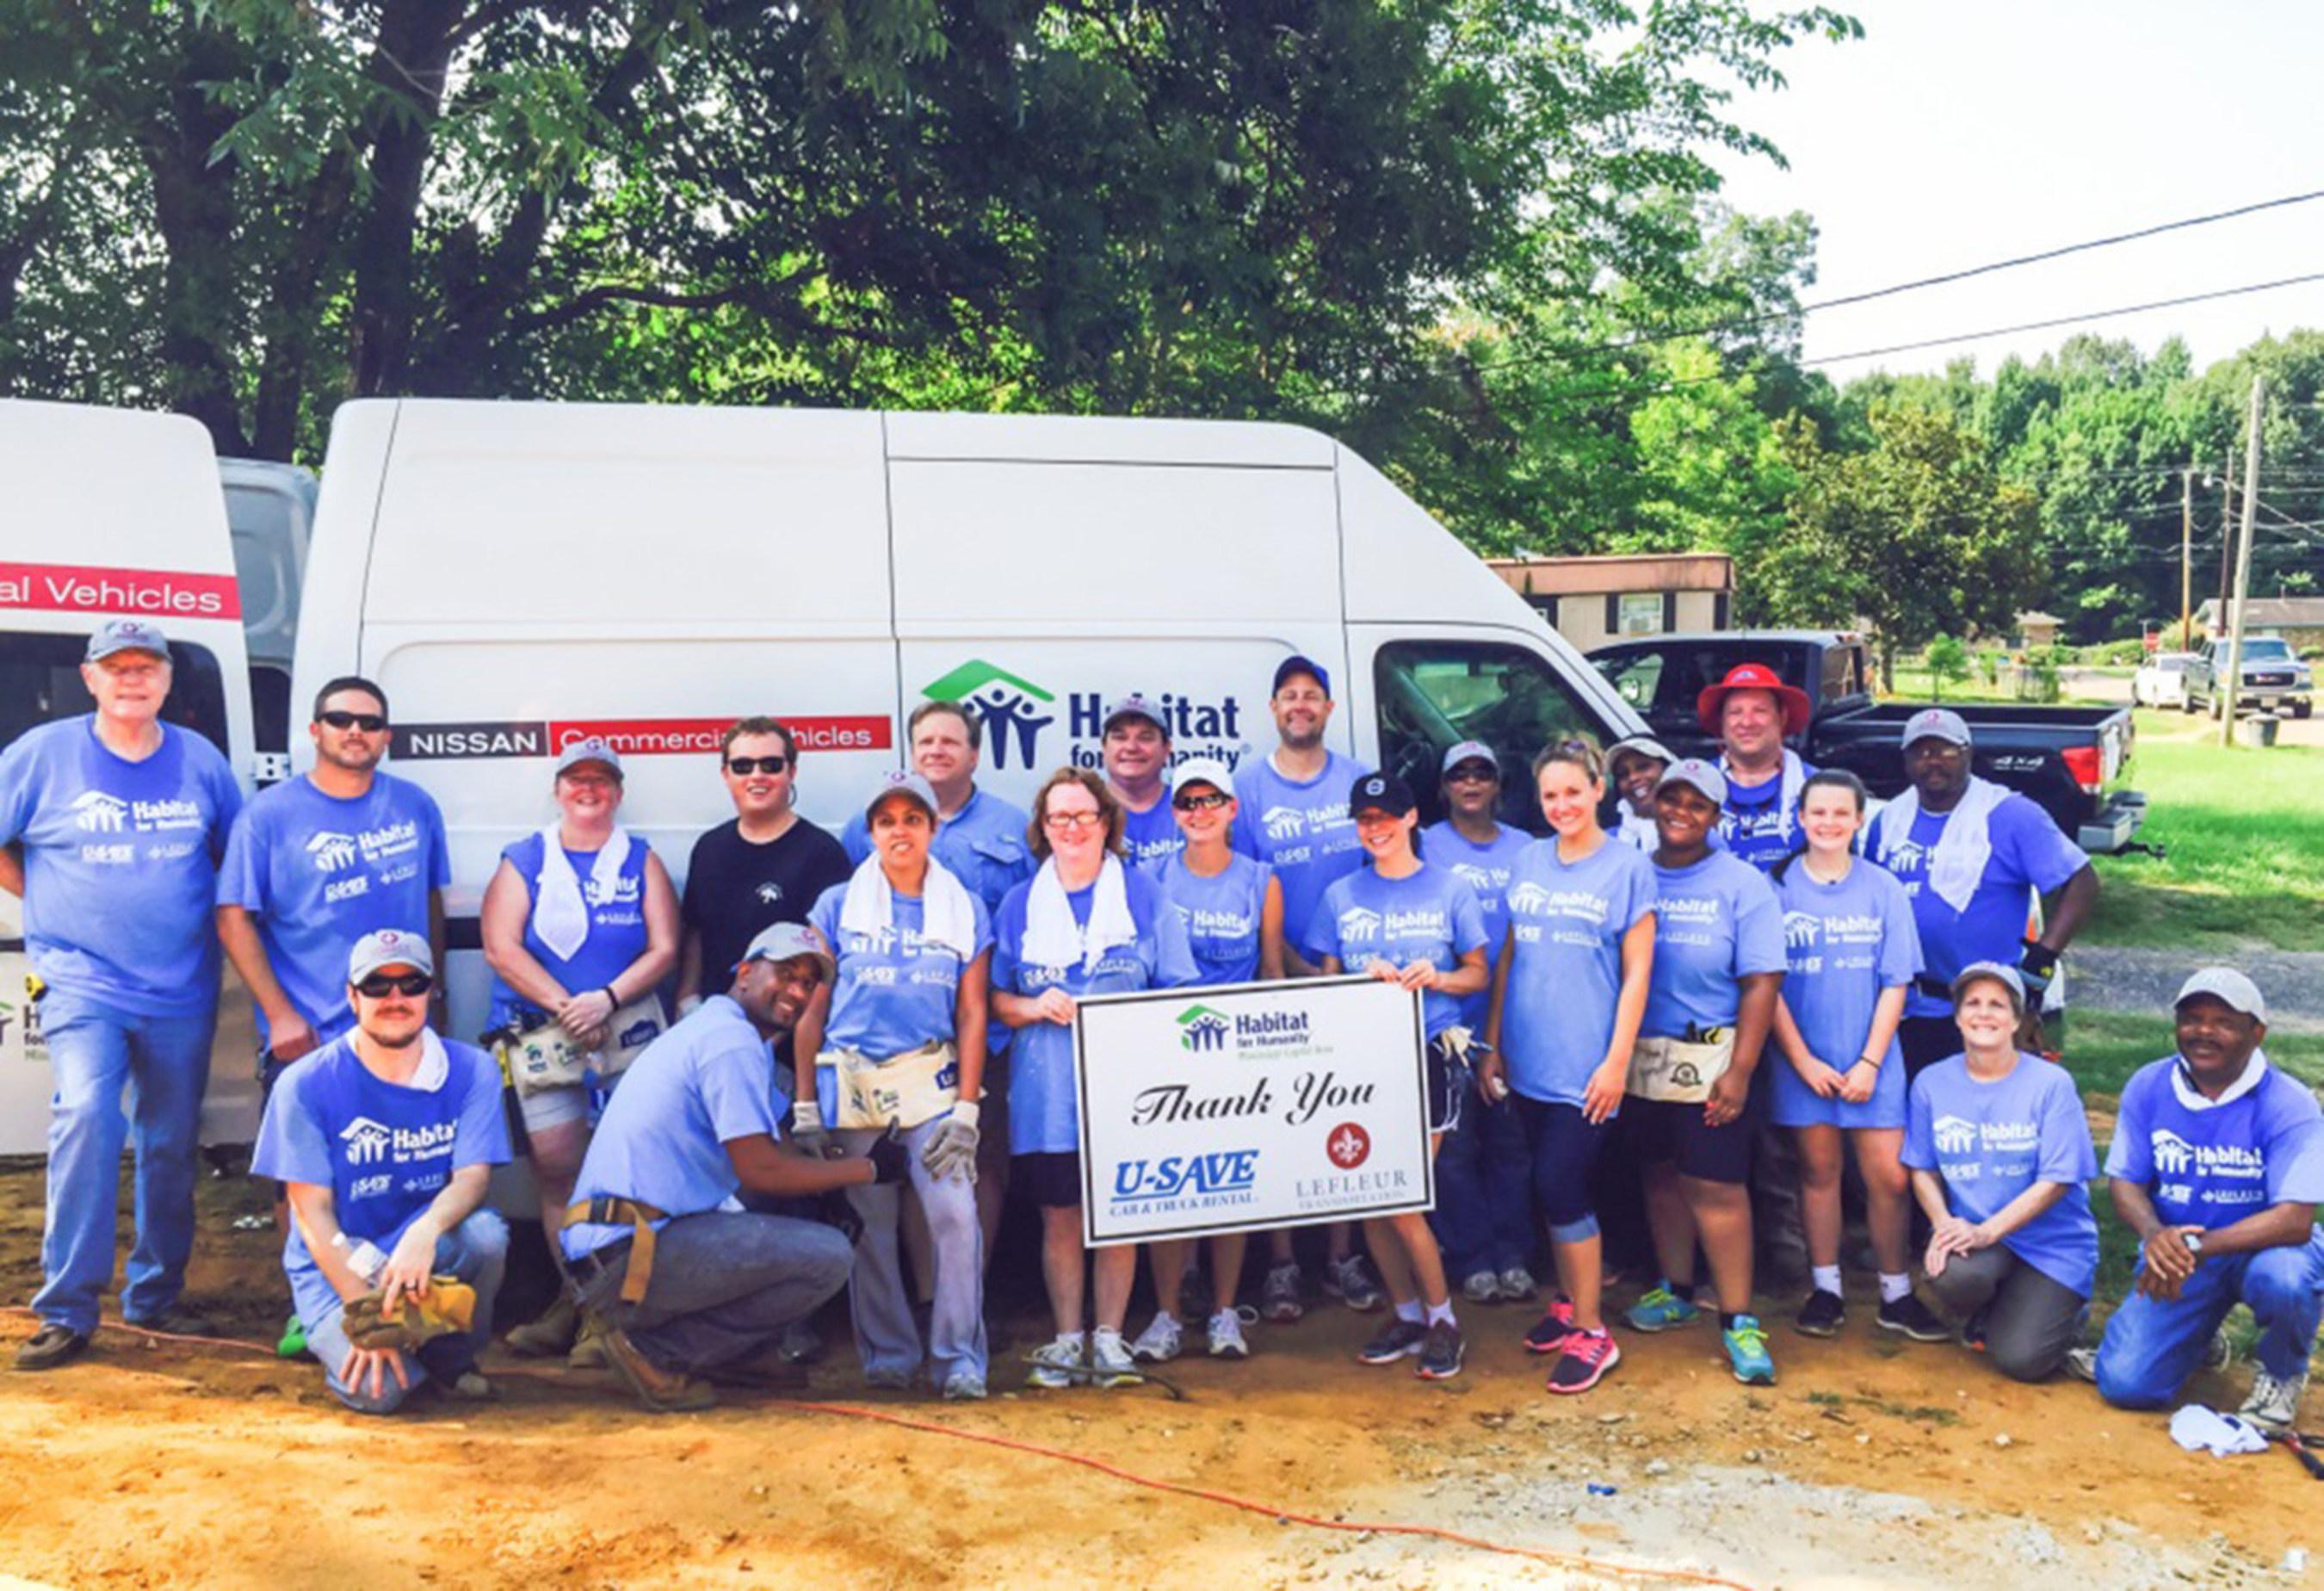 U-Save Car & Truck Rental and LeFleur Transporation team up with Habitat for Humanity Mississippi